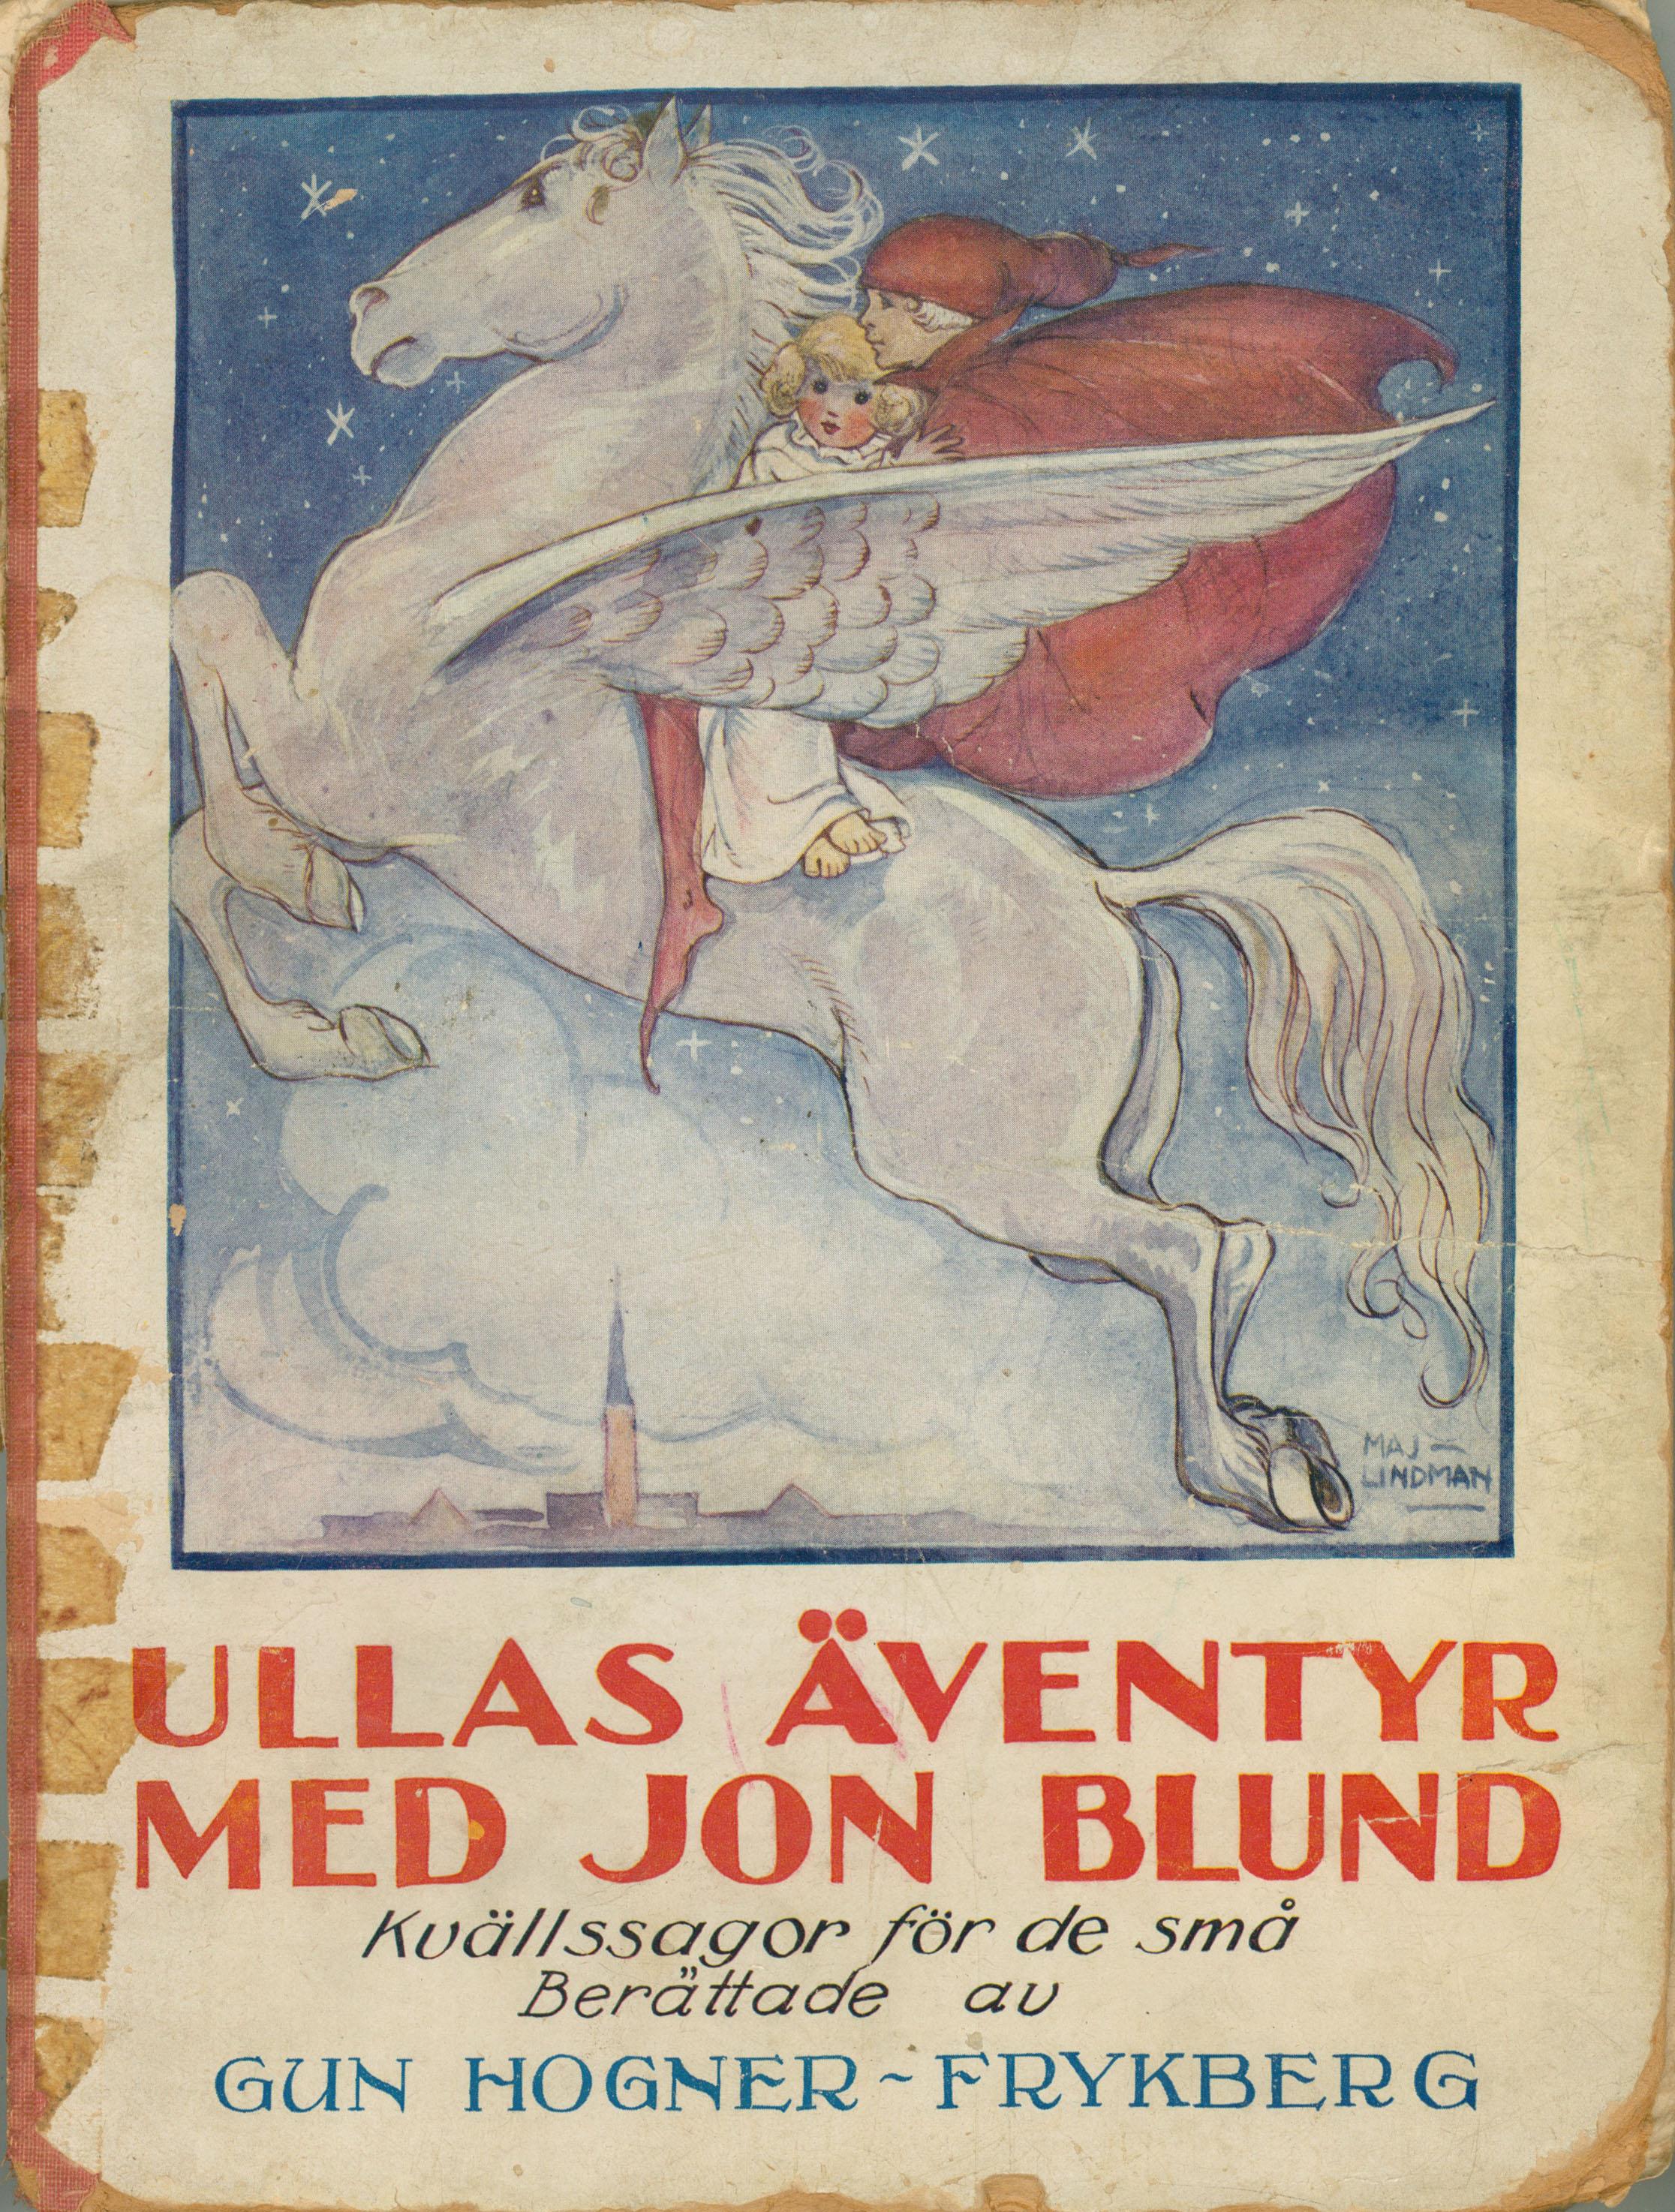 Ullas äventyr med Jon Blund - 1925